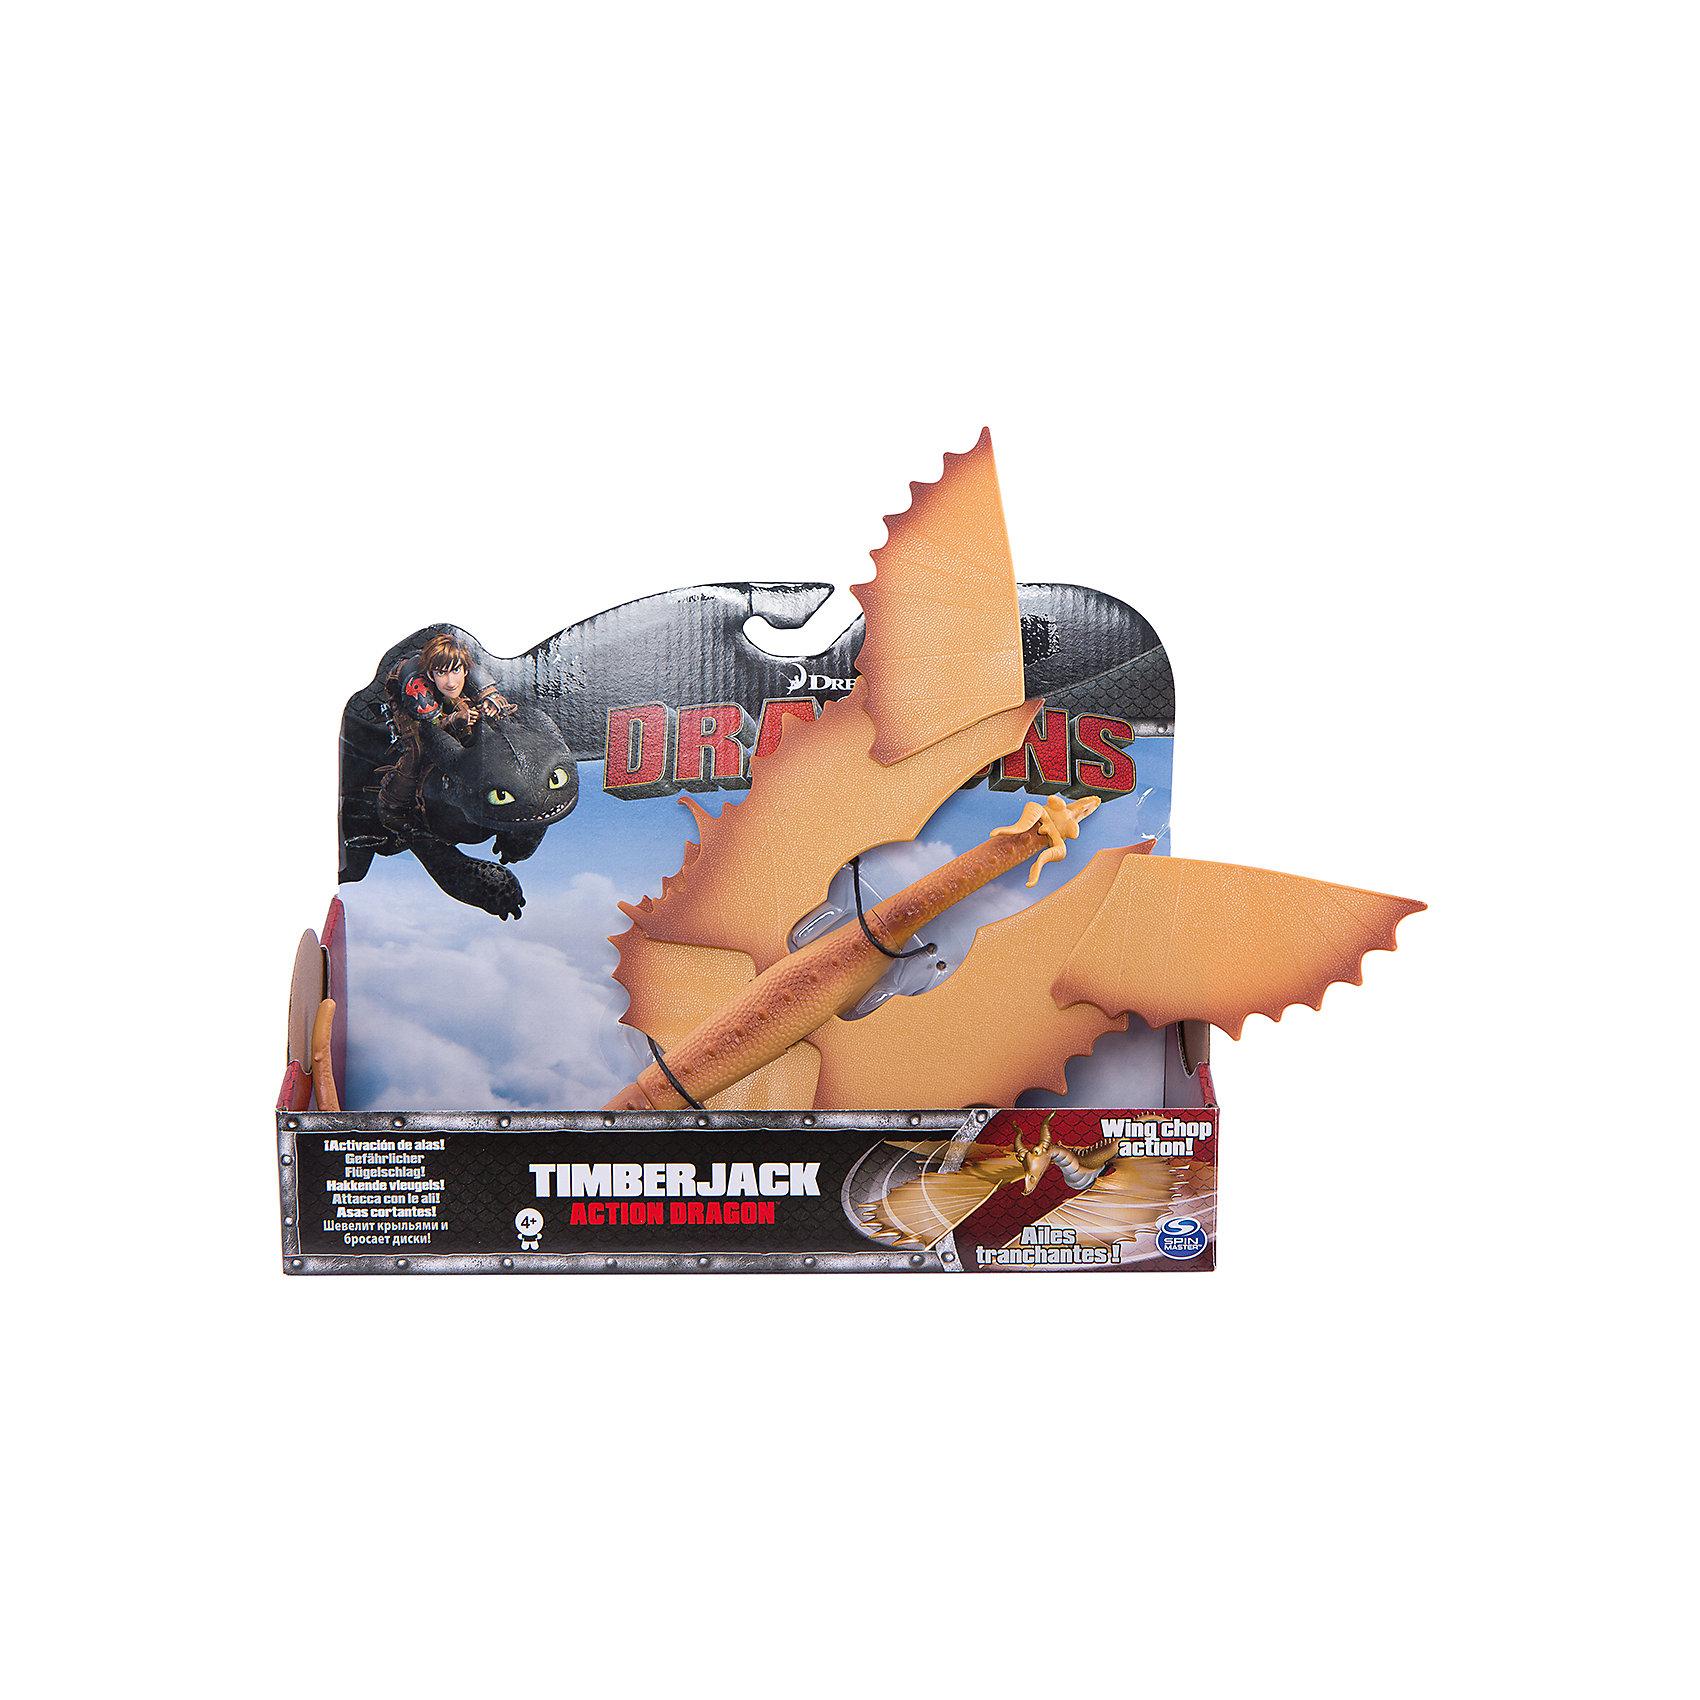 Функциональные драконы (Как приручить дракона), Spin Master,20067243/66550Очаровательные, а иногда и грозные драконы от известного бренда  Spin Master (Спин Мастер) покорят сердце любого ребенка! Фигурка выполнена в виде персонажа мультфильма Как приучить дракона, прекрасно детализирована и реалистично раскрашена. У каждого дракона свои уникальные боевые функции – метание дисков, атака водой, свечение пасти при стрельбе. Фигурка имеет подвижные крылья,  на спине есть посадочное место для фигурок Иккинга и других героев. Игрушка изготовлена из высококачественного экологичного пластика безопасного для детей.<br><br>Дополнительная информация:<br><br>- Материал: пластик.<br>- Размер фигурки: 30-35 см.<br>- Уникальные боевые функции у каждого дракона.<br>- Двигаются крылья при нажатии на кнопку<br>- На спине есть седло - можно посадить фигурки викингов (продаются отдельно)<br><br>Функционального дракона (Как приручить дракона), Spin Master,20067243/66550 можно купить в нашем магазине.<br><br>Ширина мм: 295<br>Глубина мм: 213<br>Высота мм: 109<br>Вес г: 231<br>Возраст от месяцев: 36<br>Возраст до месяцев: 144<br>Пол: Мужской<br>Возраст: Детский<br>SKU: 4560360